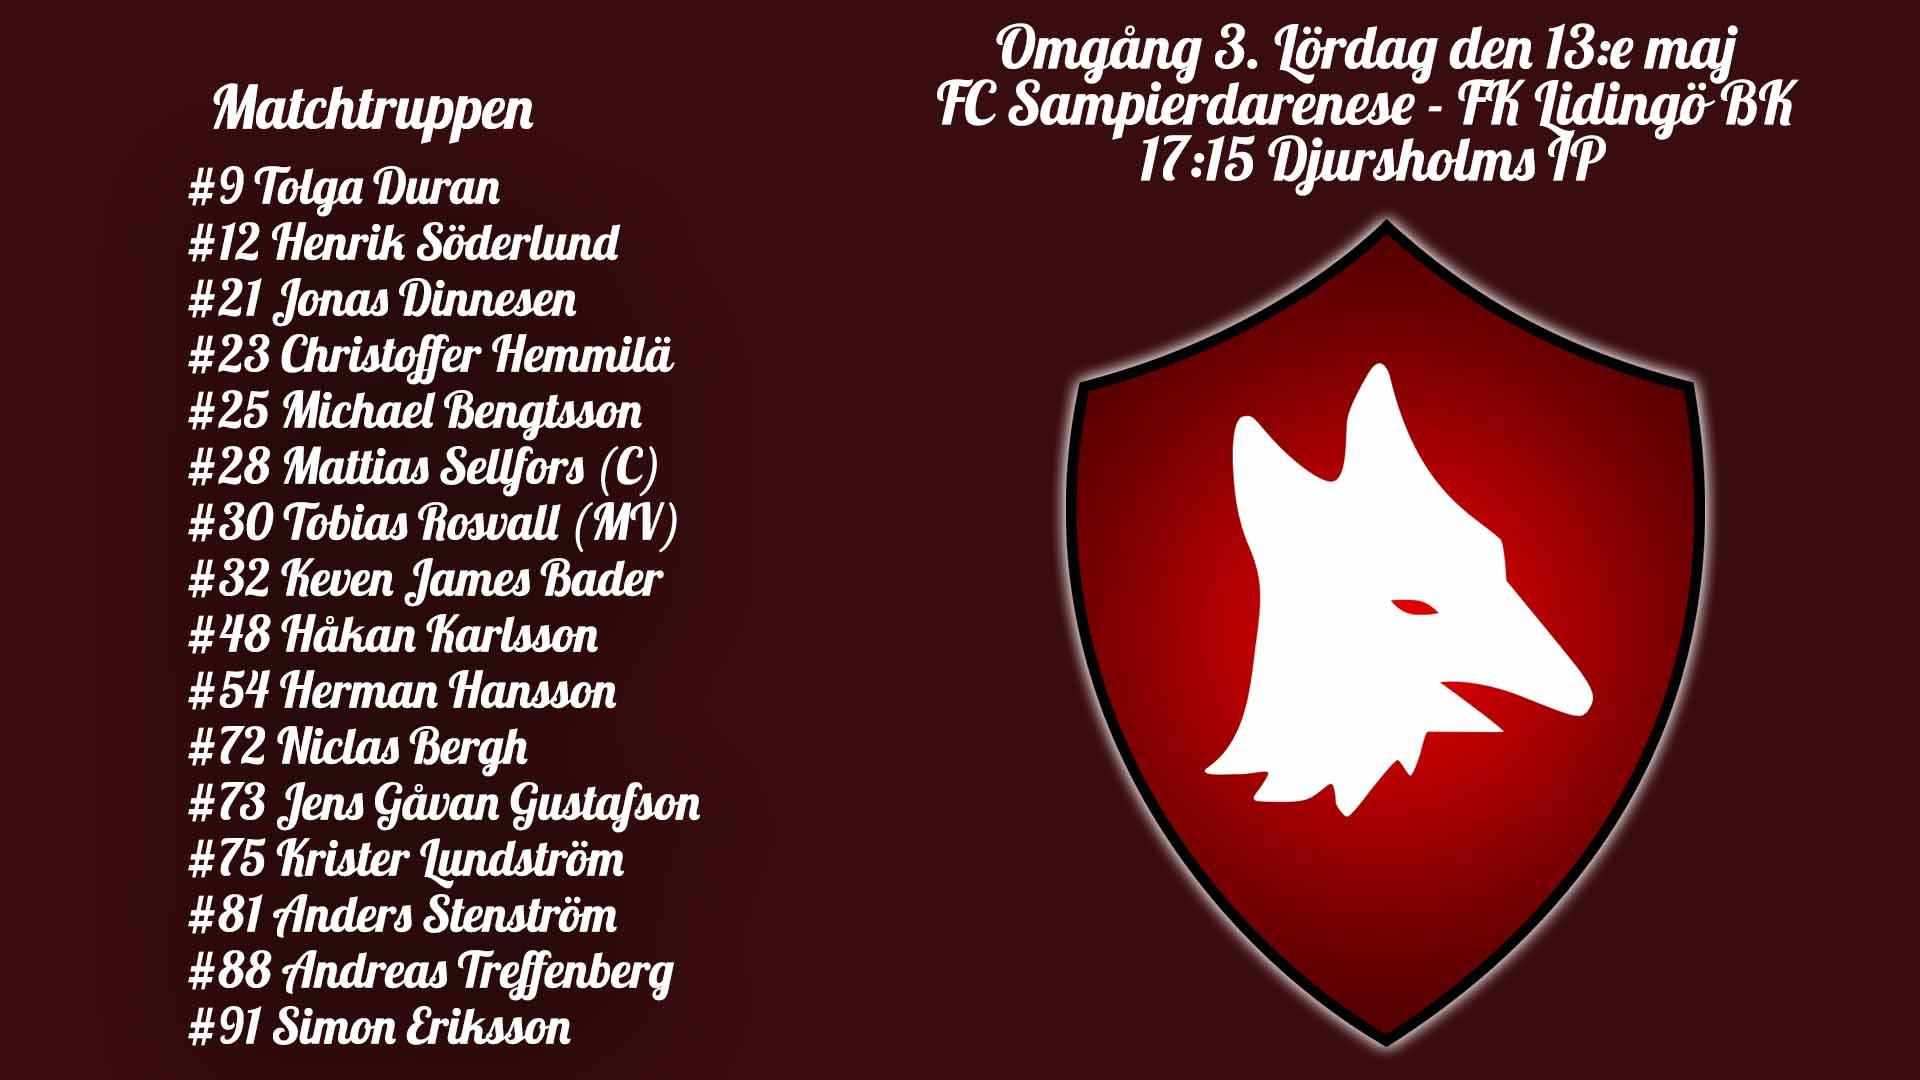 Införrapport – FC Sampierdarenese mot IFK Lidingö BK